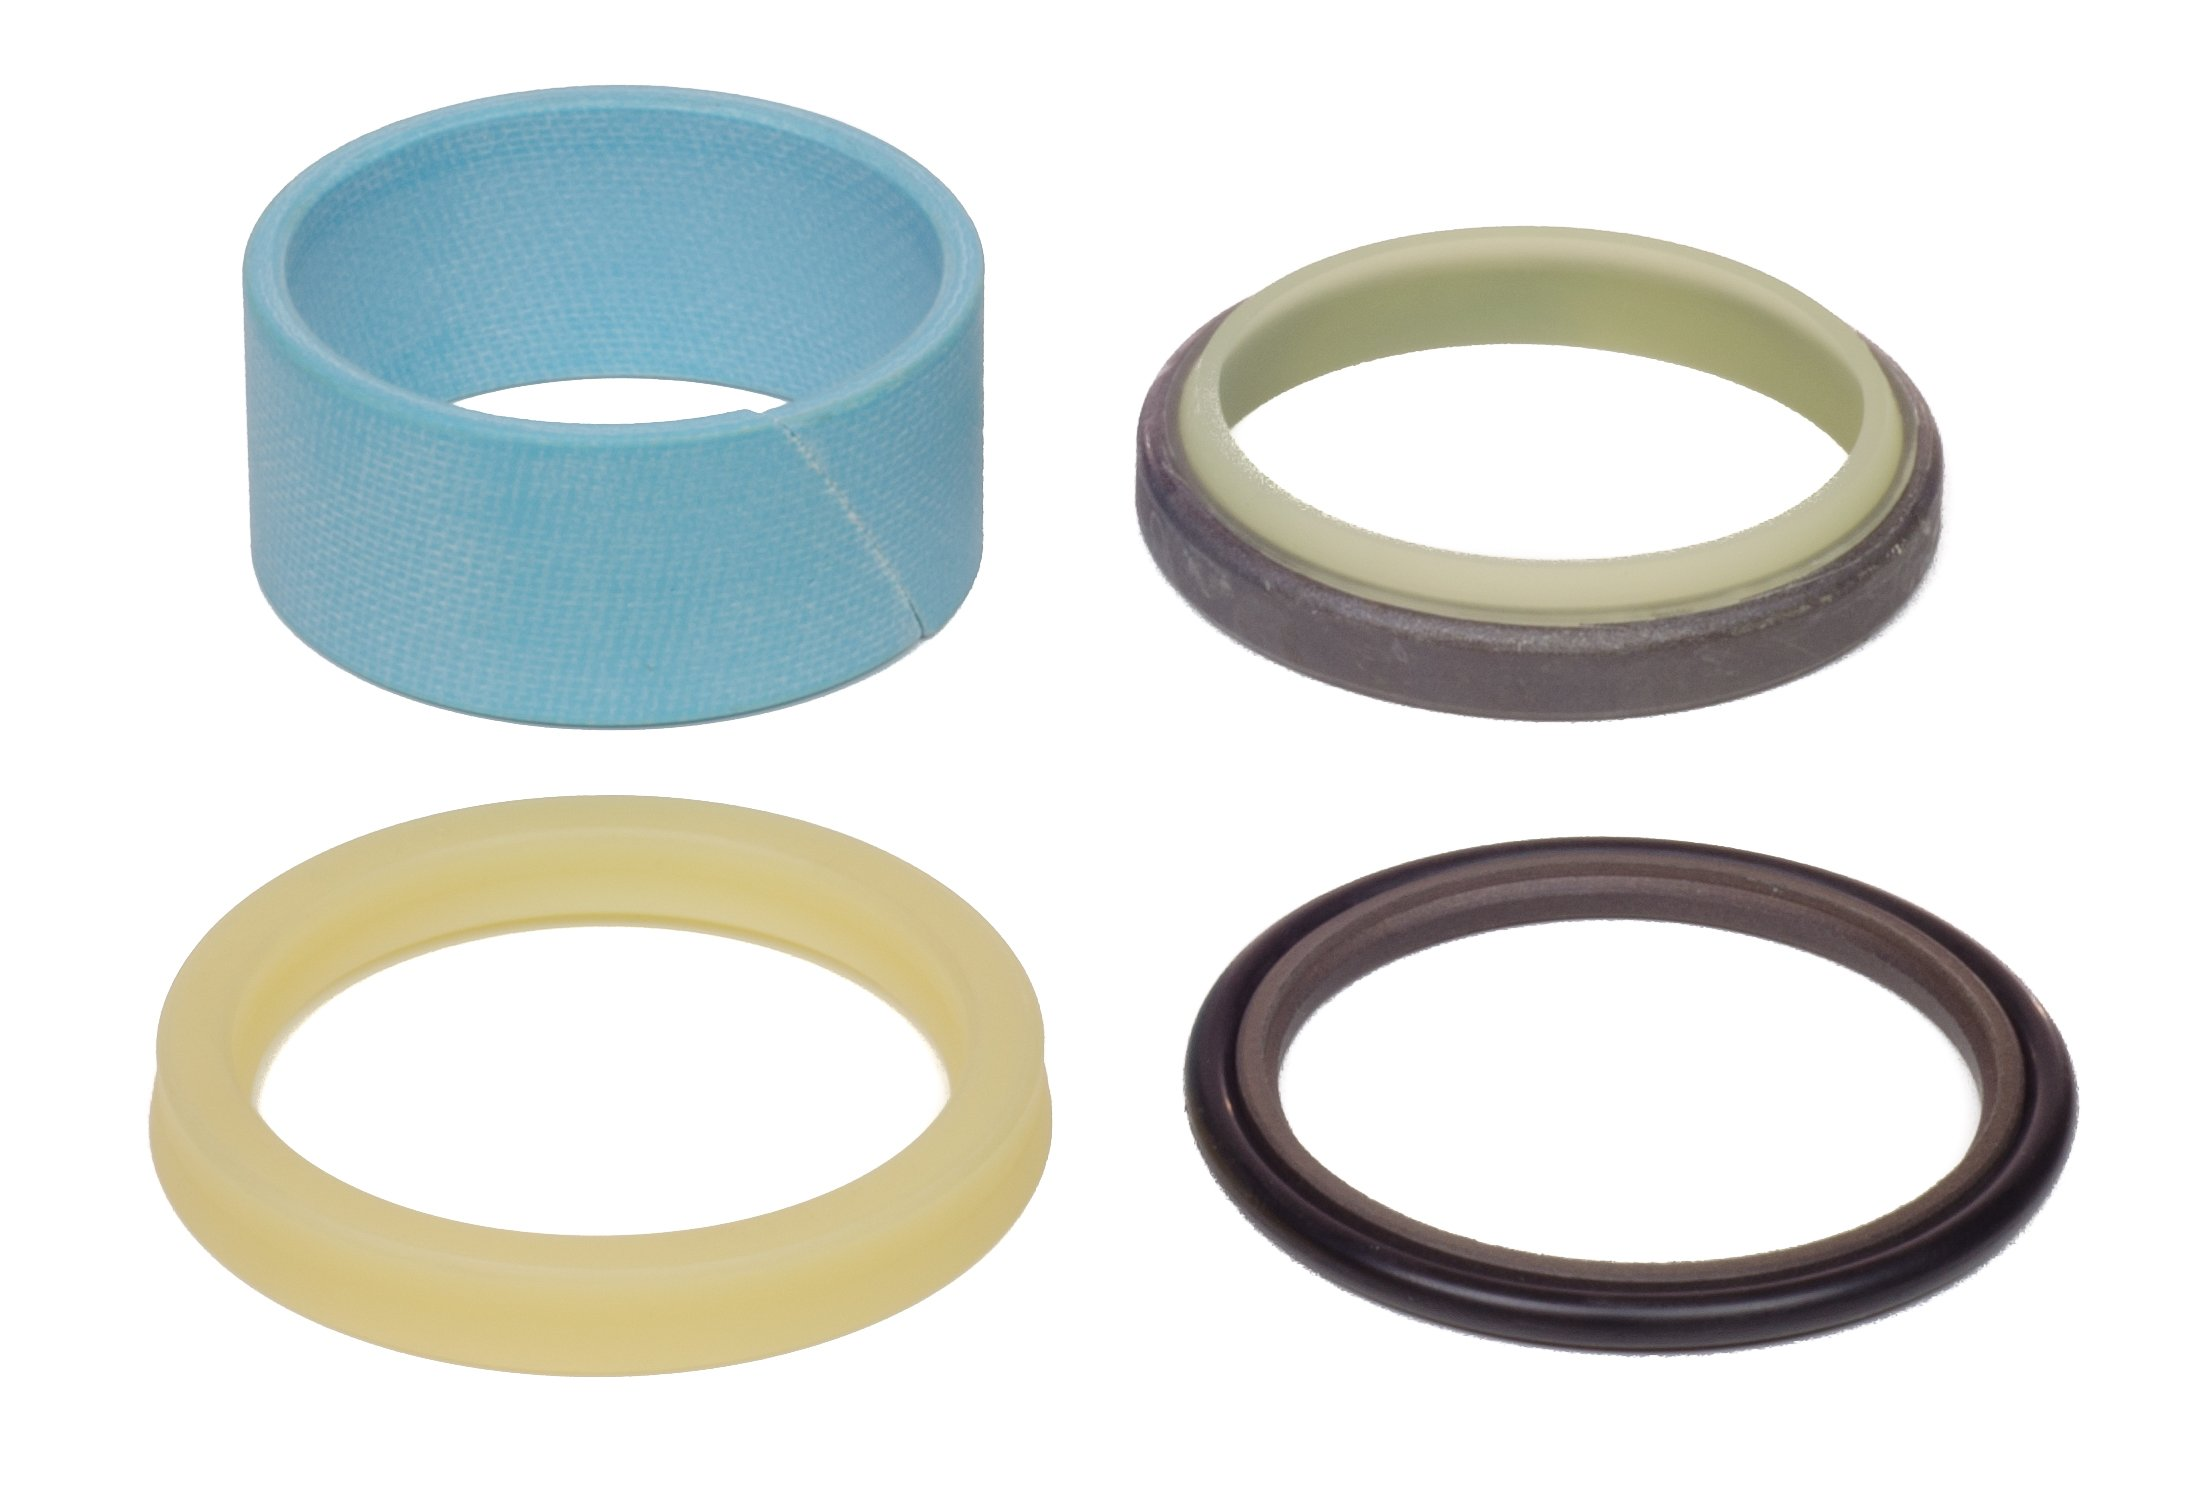 Kit King - John Deere RE20434 Aftermarket Hydraulic Cylinder Seal Kit